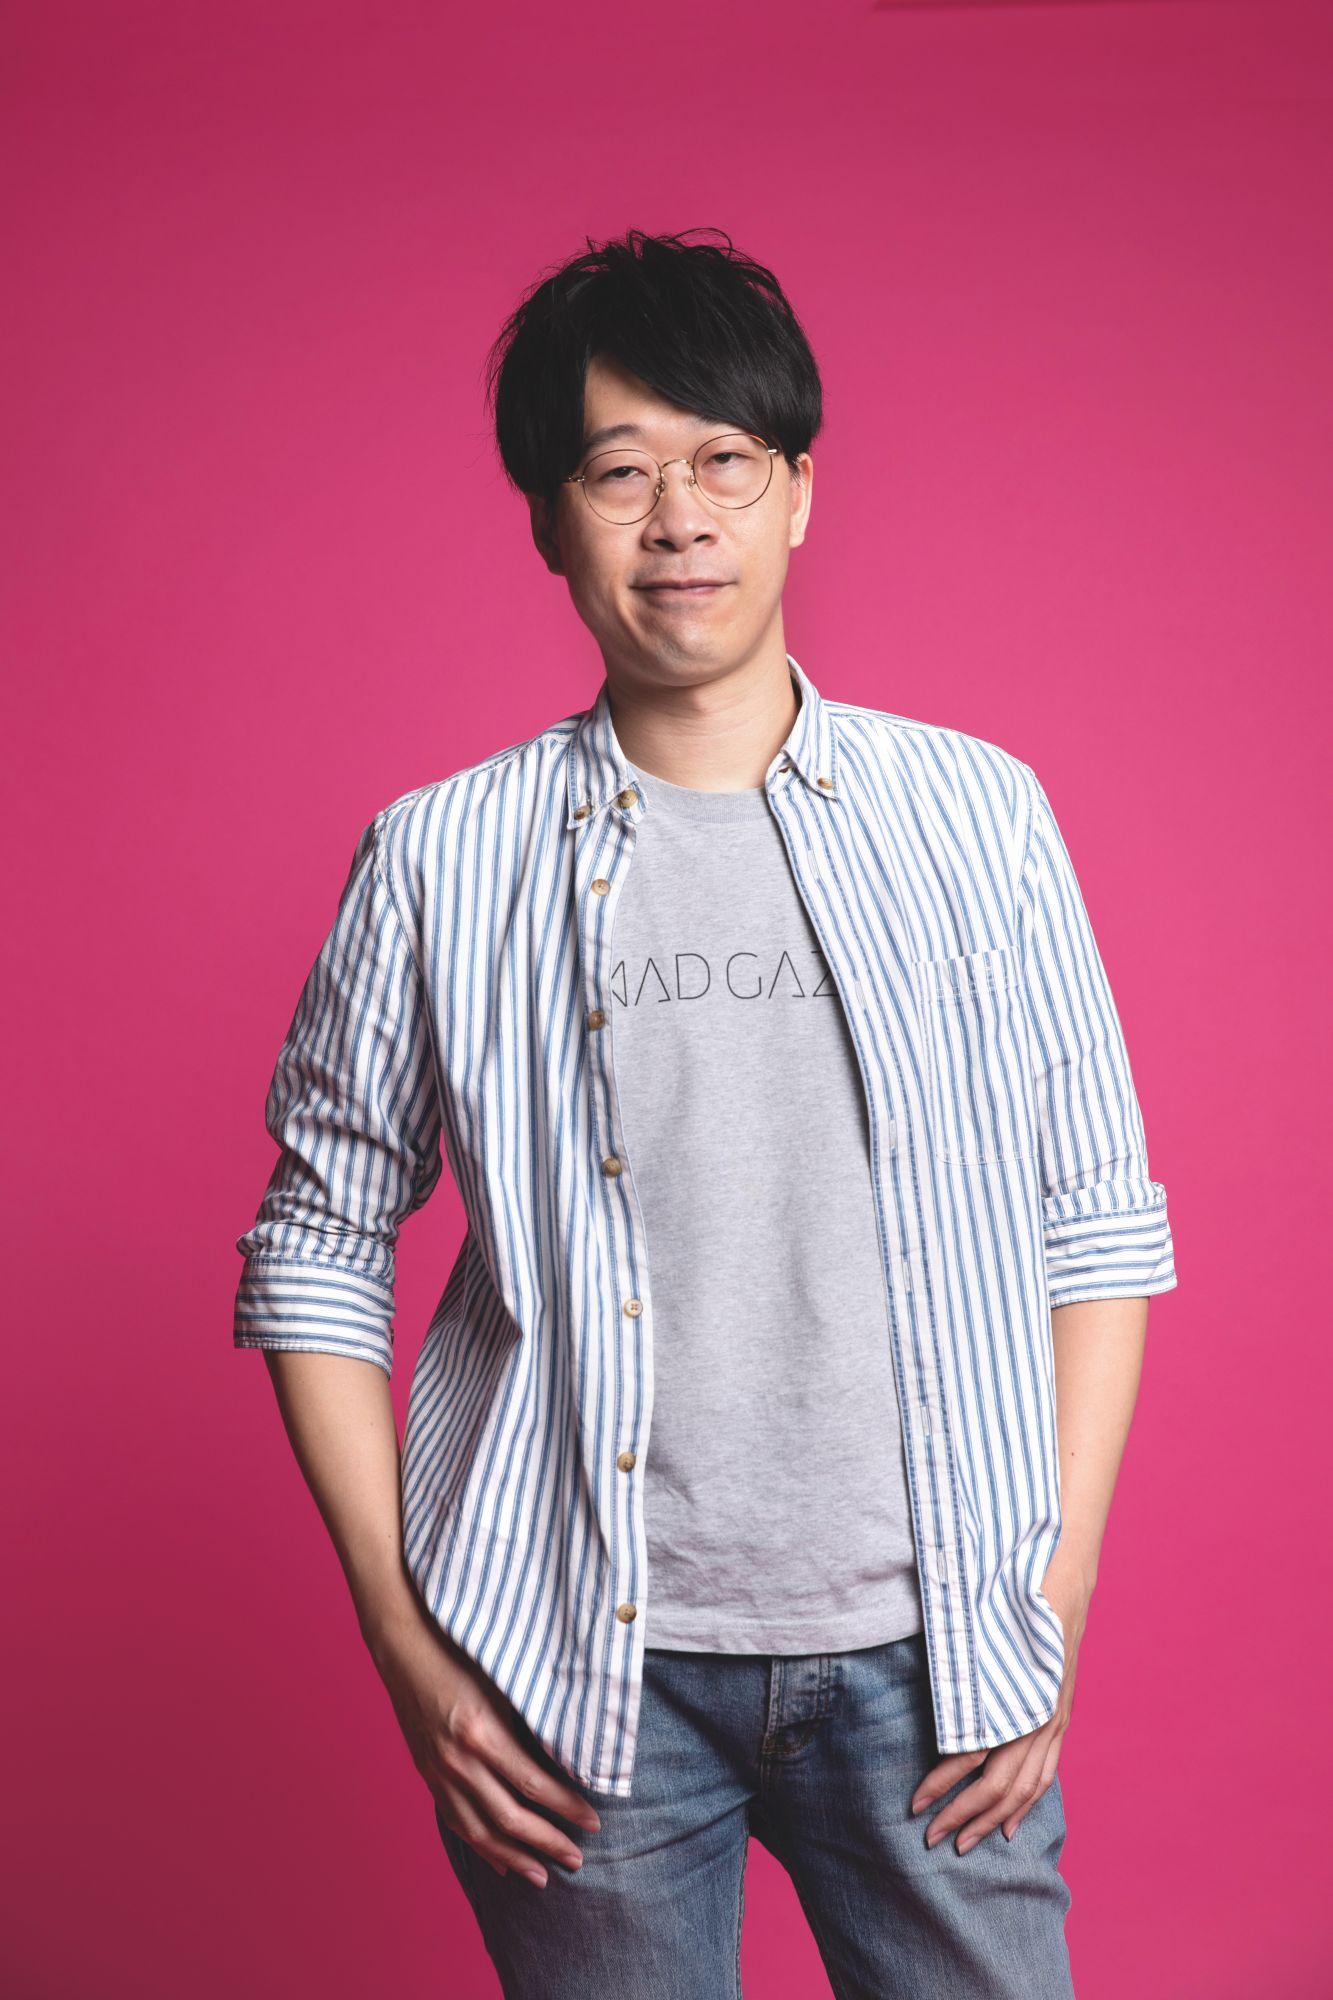 Jordan Cheng